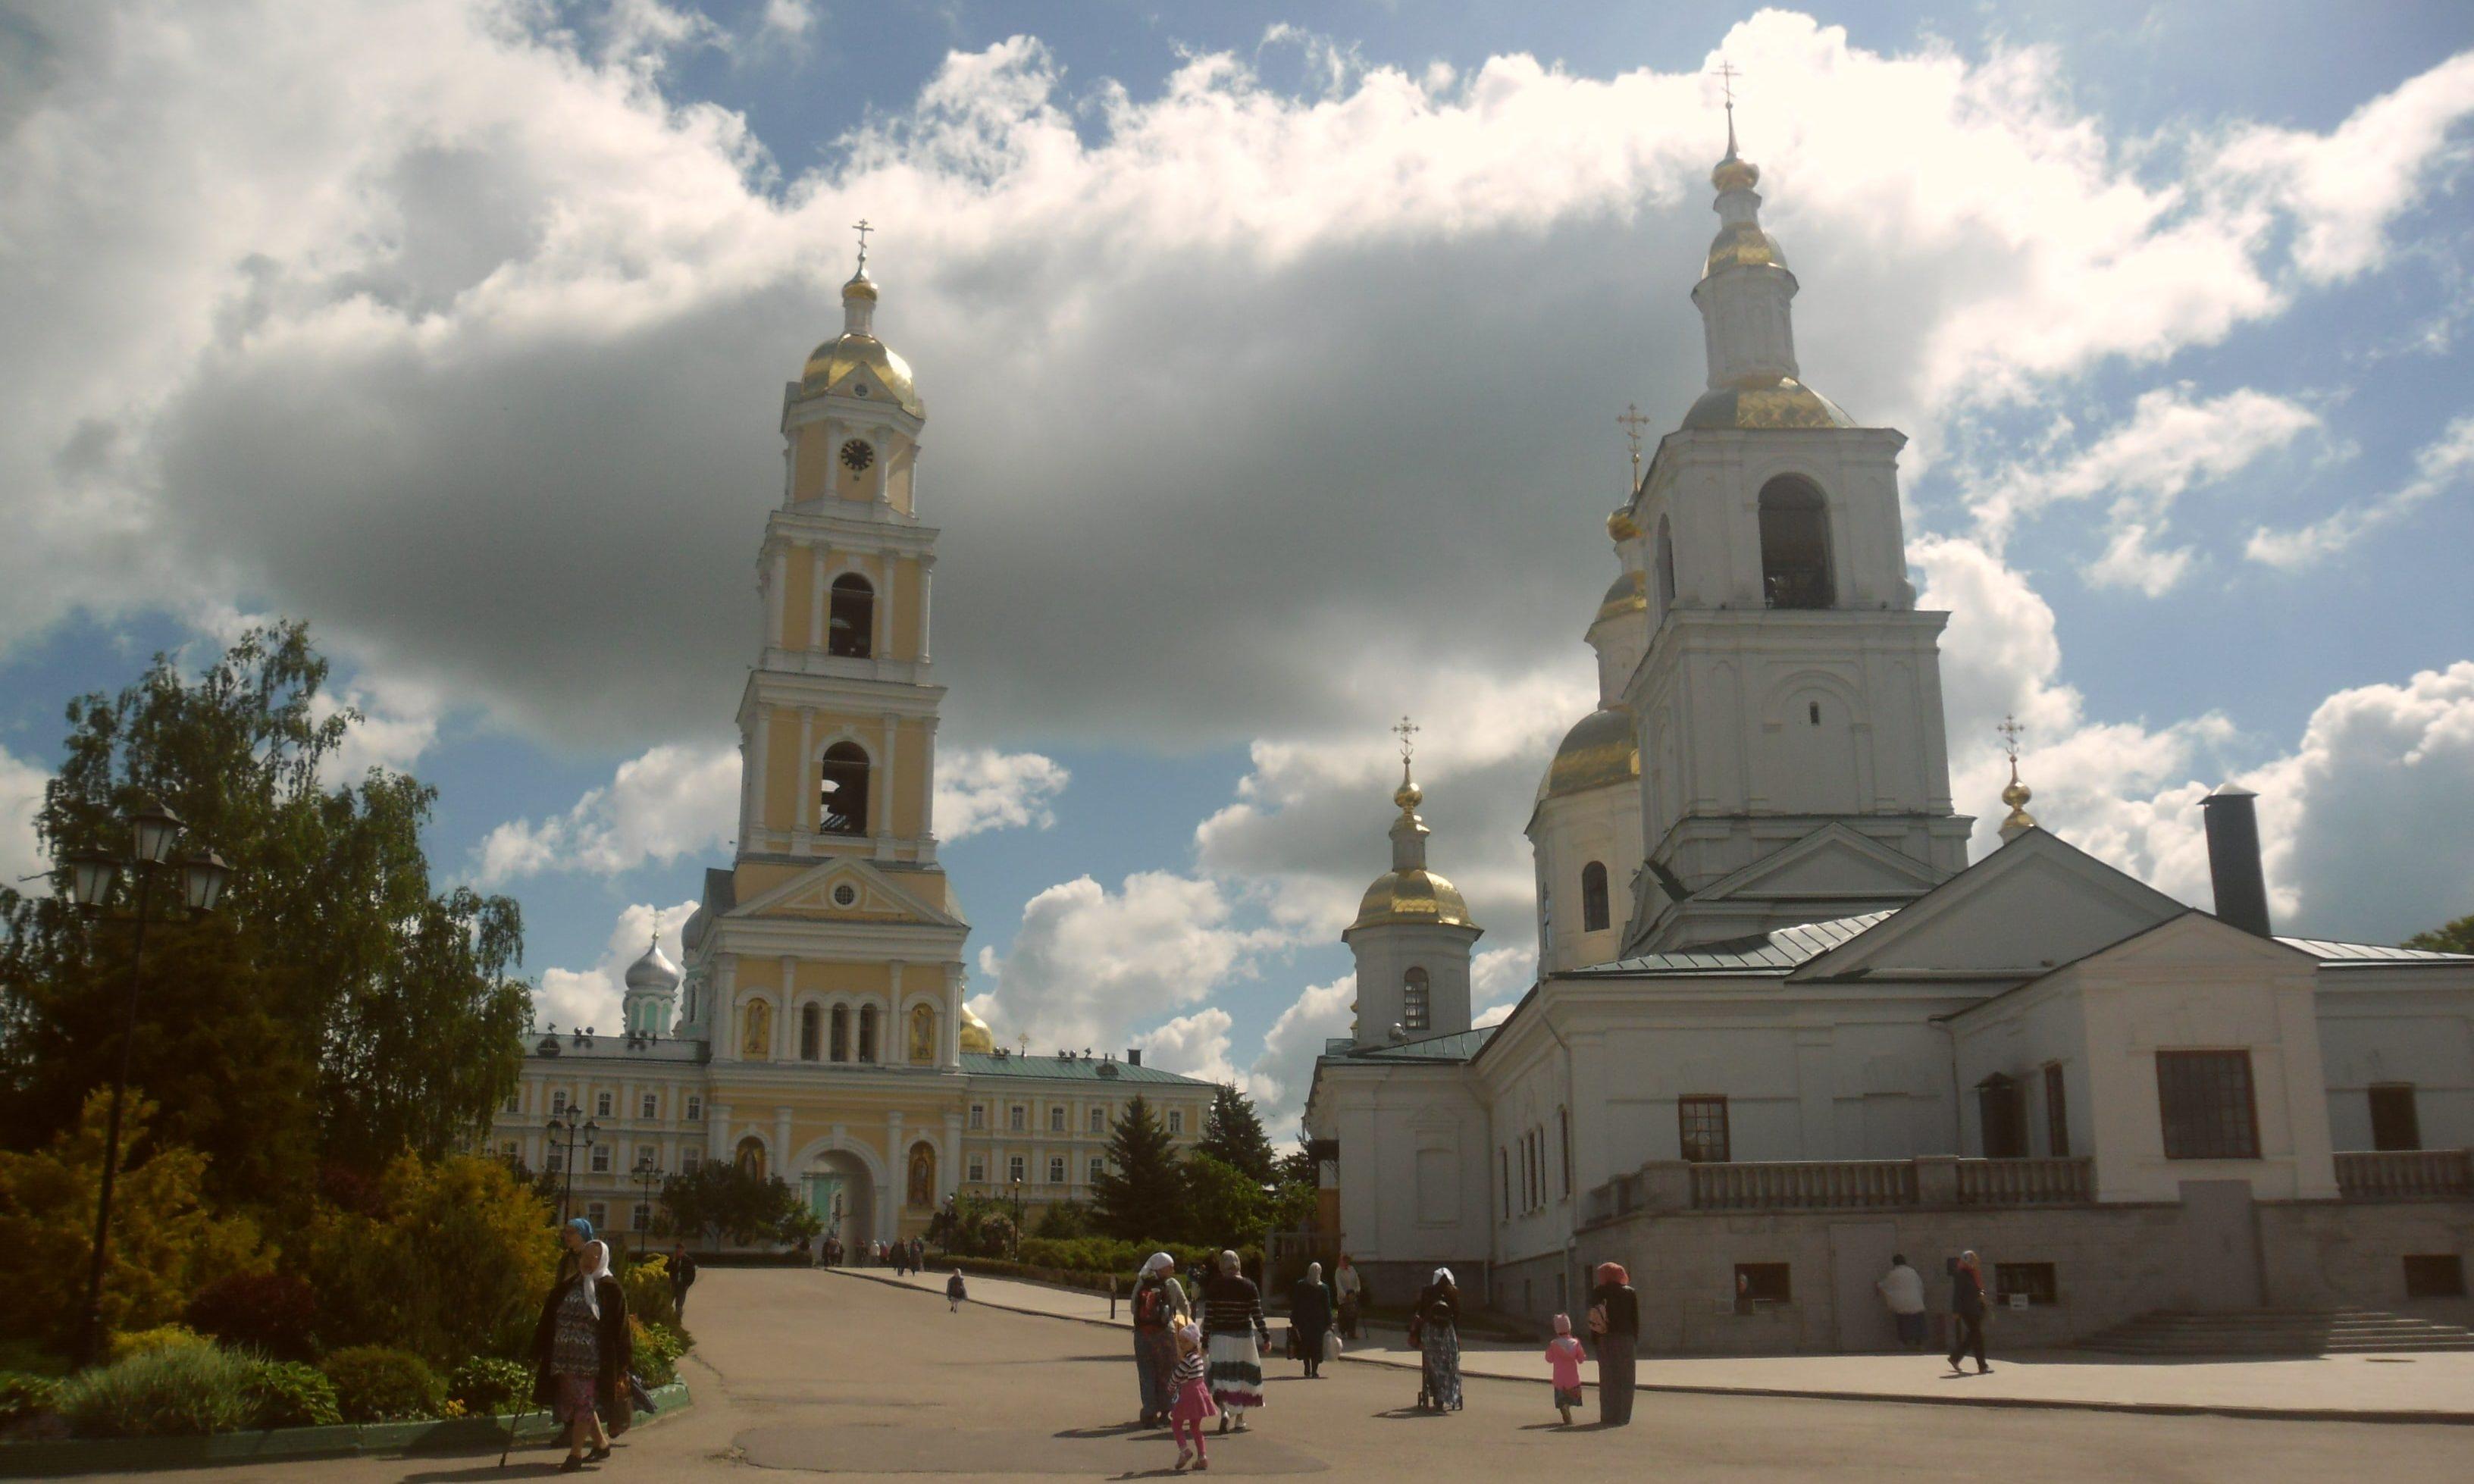 Казанский храм в Серафимо-Дивеевском монастыре